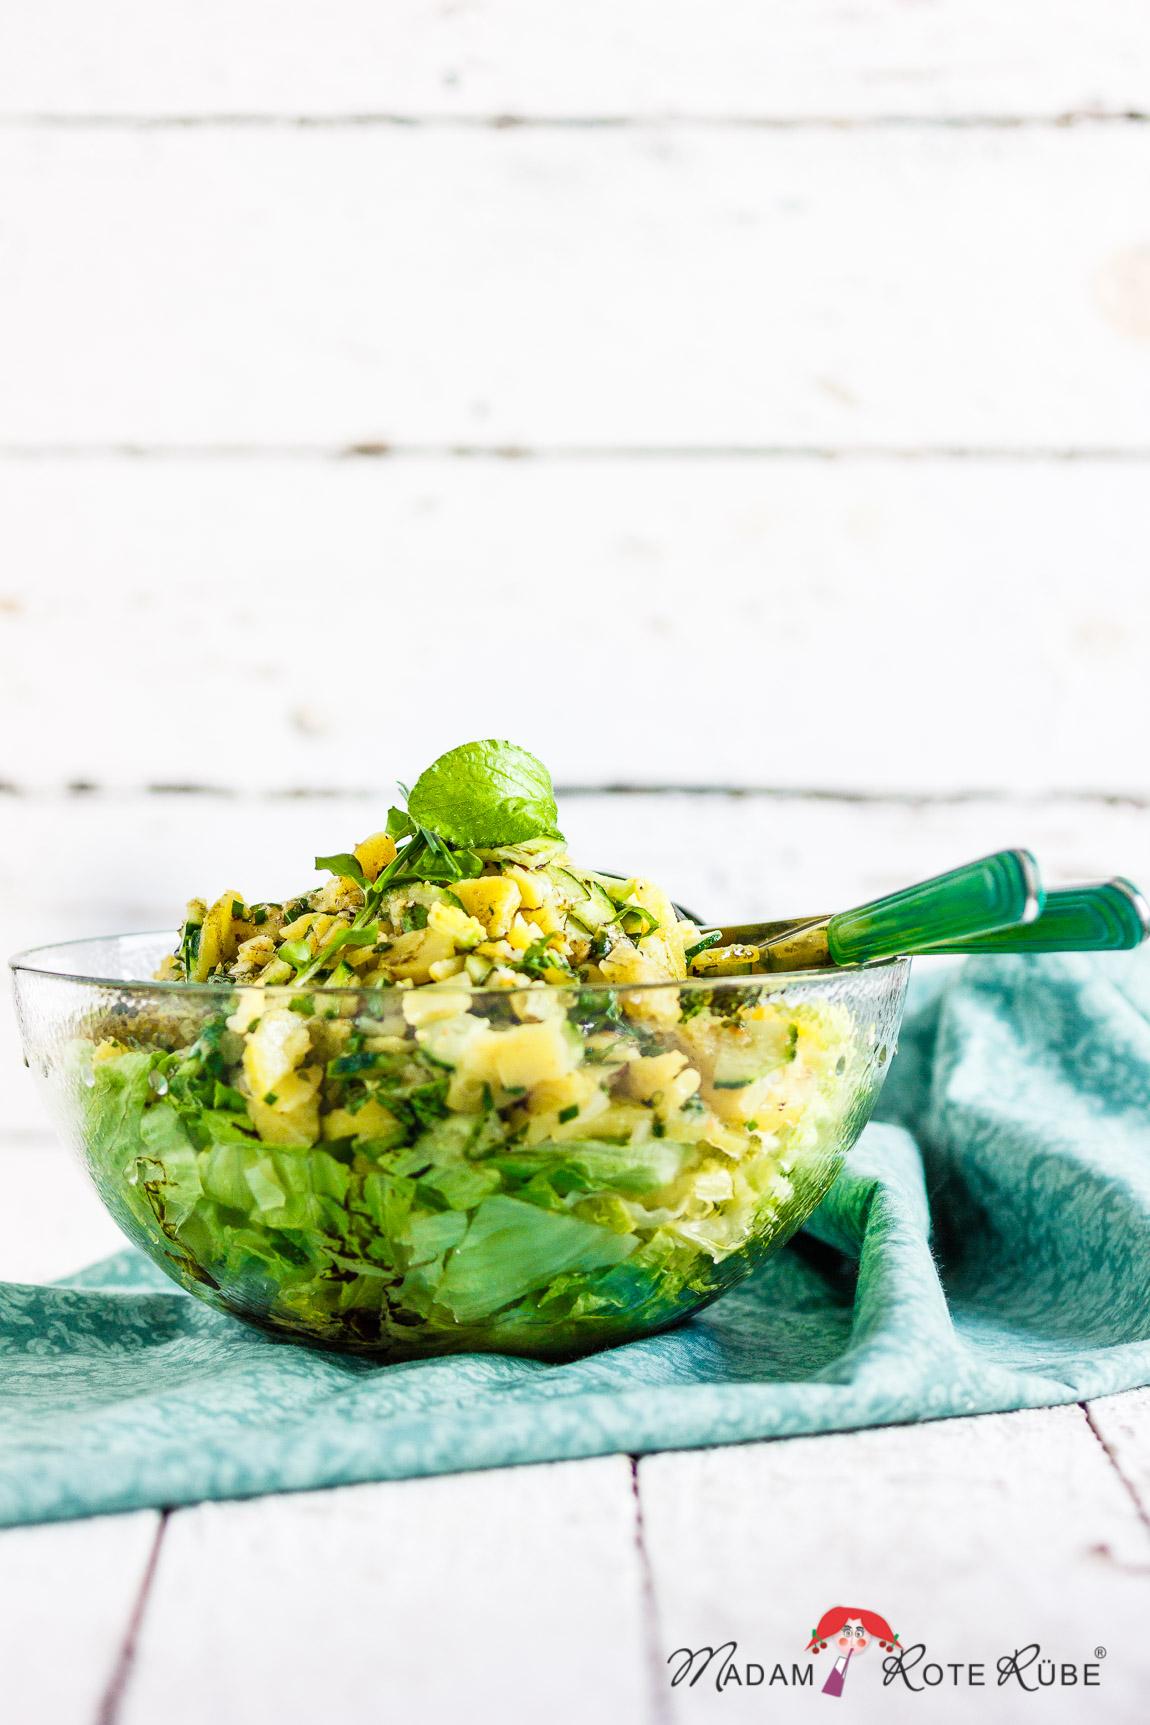 Madam Rote Rübe - Steirischer Kartoffel-Gurken-Salat